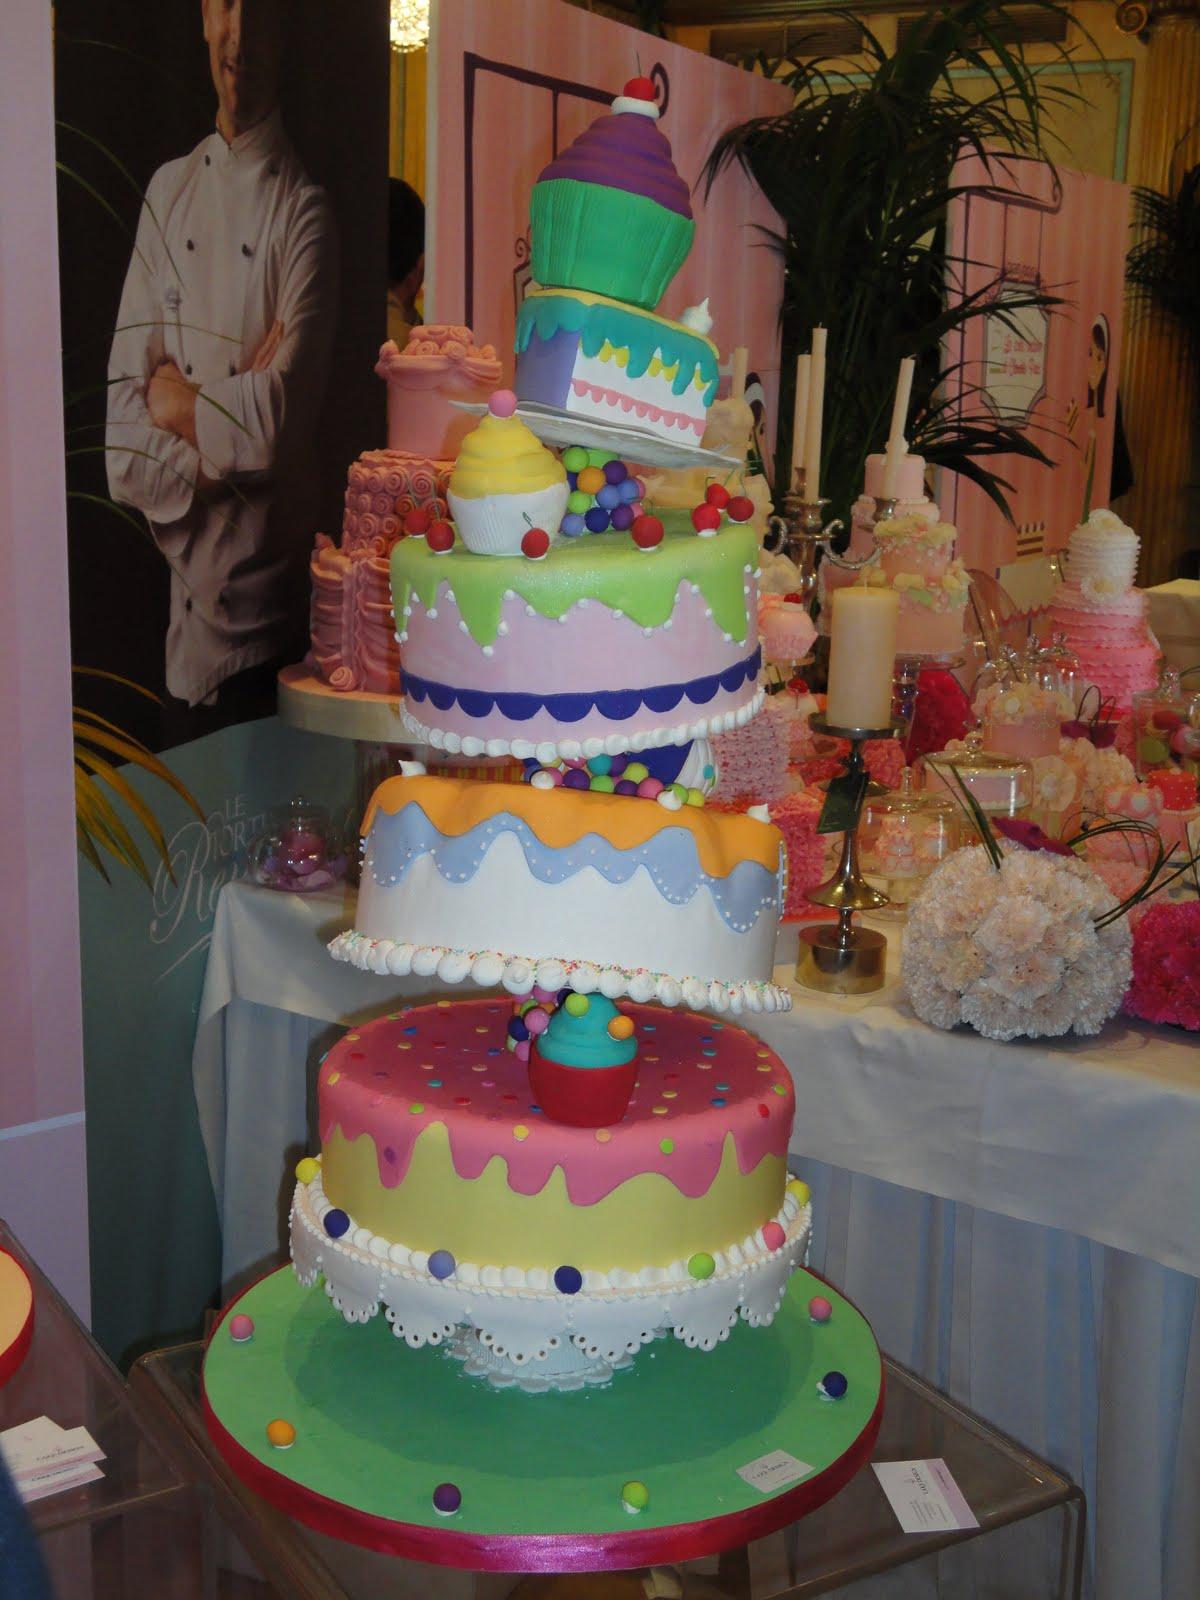 Negozi Specializzati Cake Design Milano : MONYDELFINA: CAKE DESIGN FESTIVAL MILANO!!!